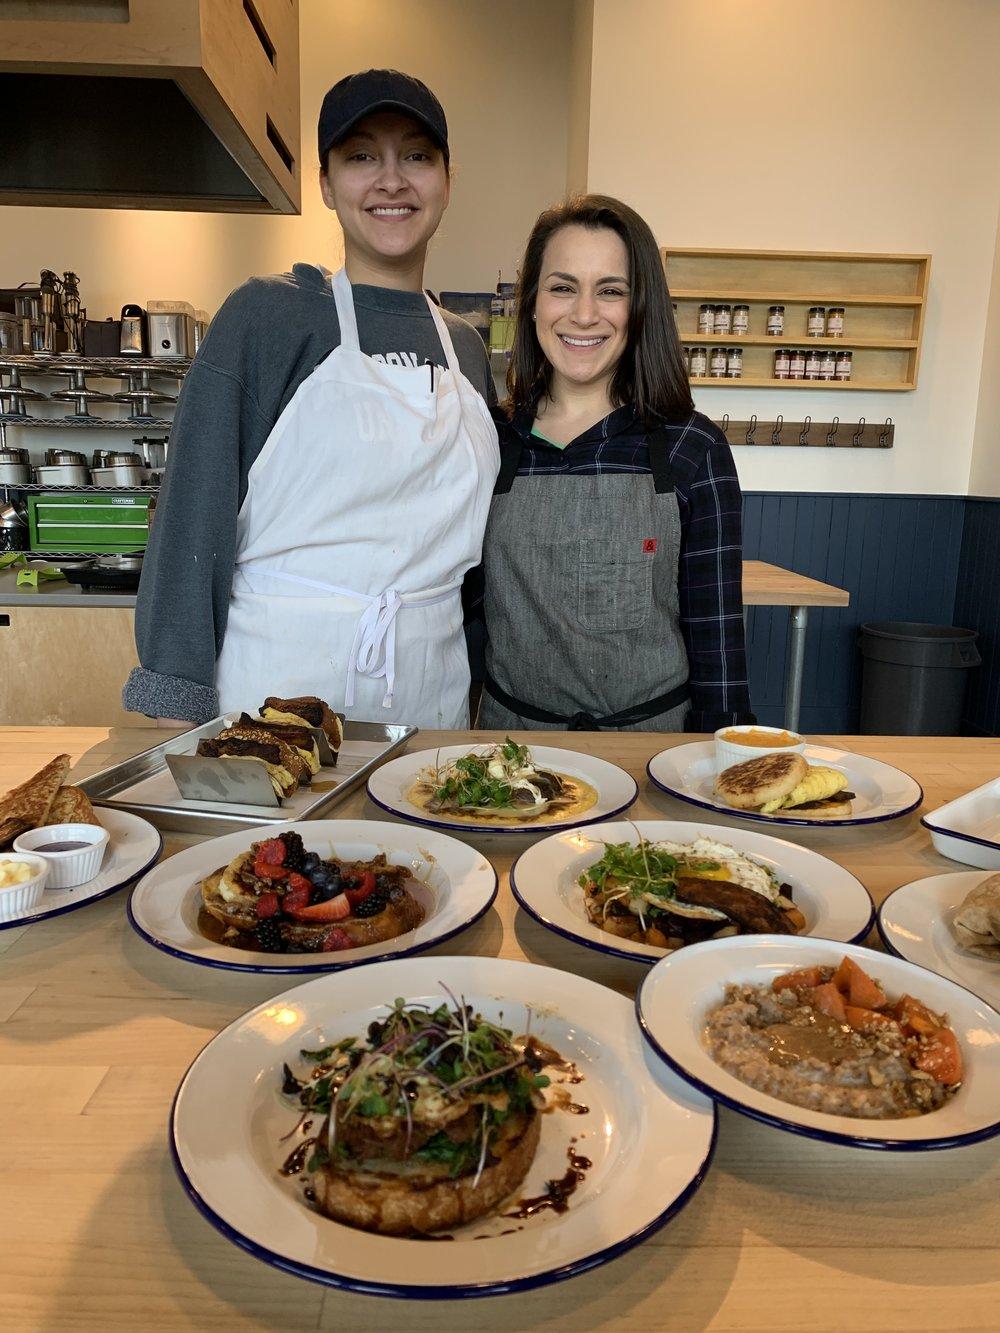 Chef Alyssa on the right!